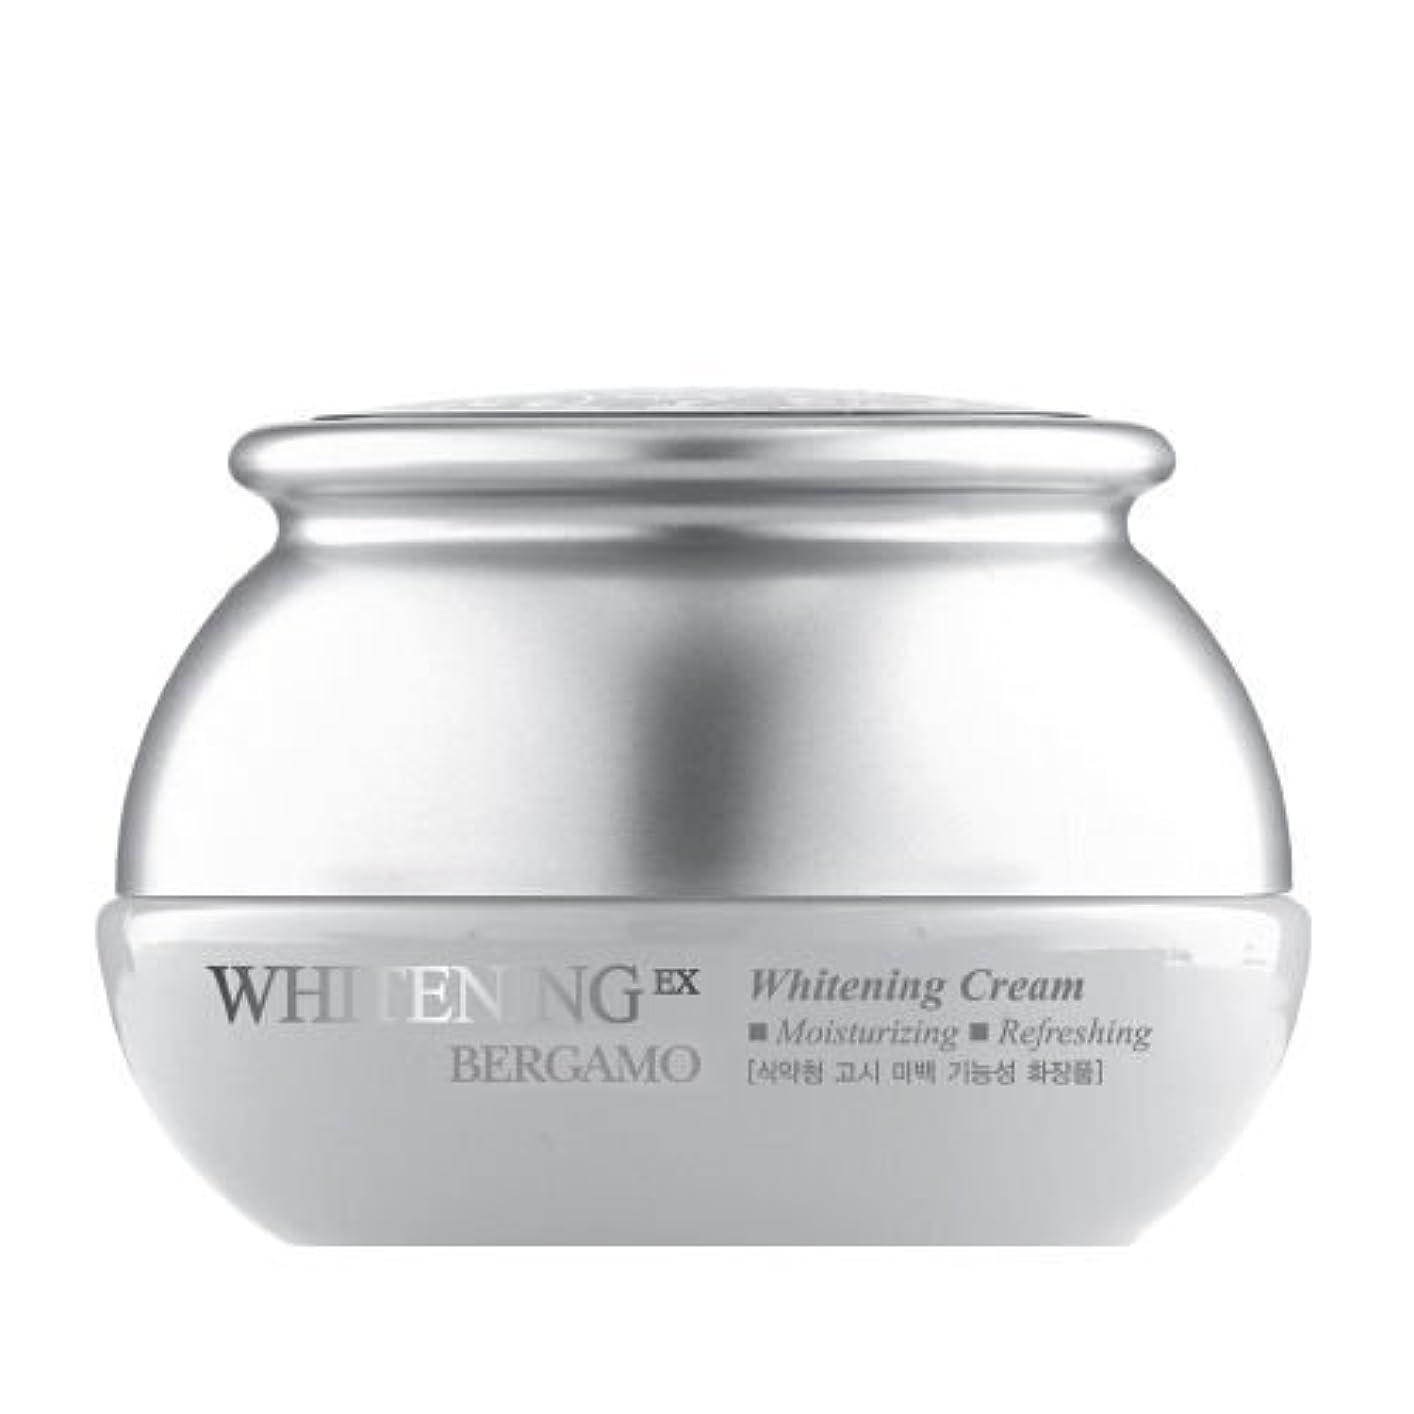 ワイン加速する欠点ベルガモ[韓国コスメBergamo]Whitening EX Wrinkle Care Cream ホワイトニングEXリンクルケアクリーム50ml しわ管理 [並行輸入品]